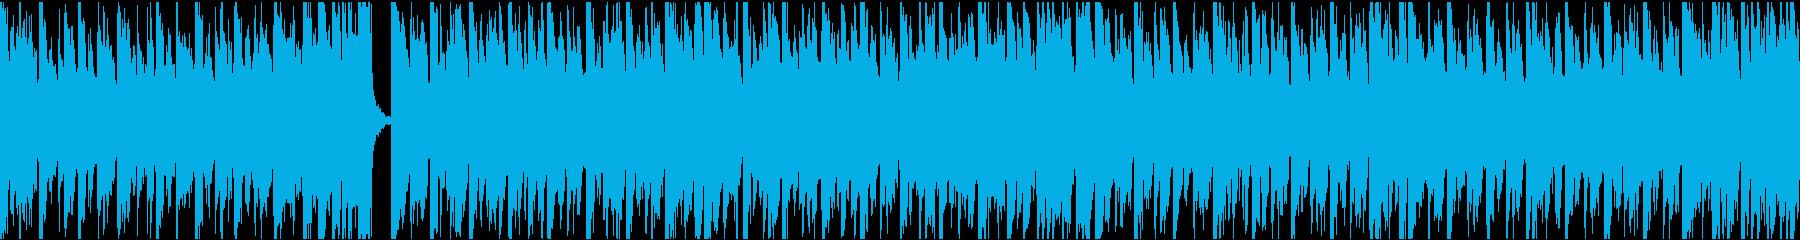 13秒でサビ、電子音ダーク/ループの再生済みの波形